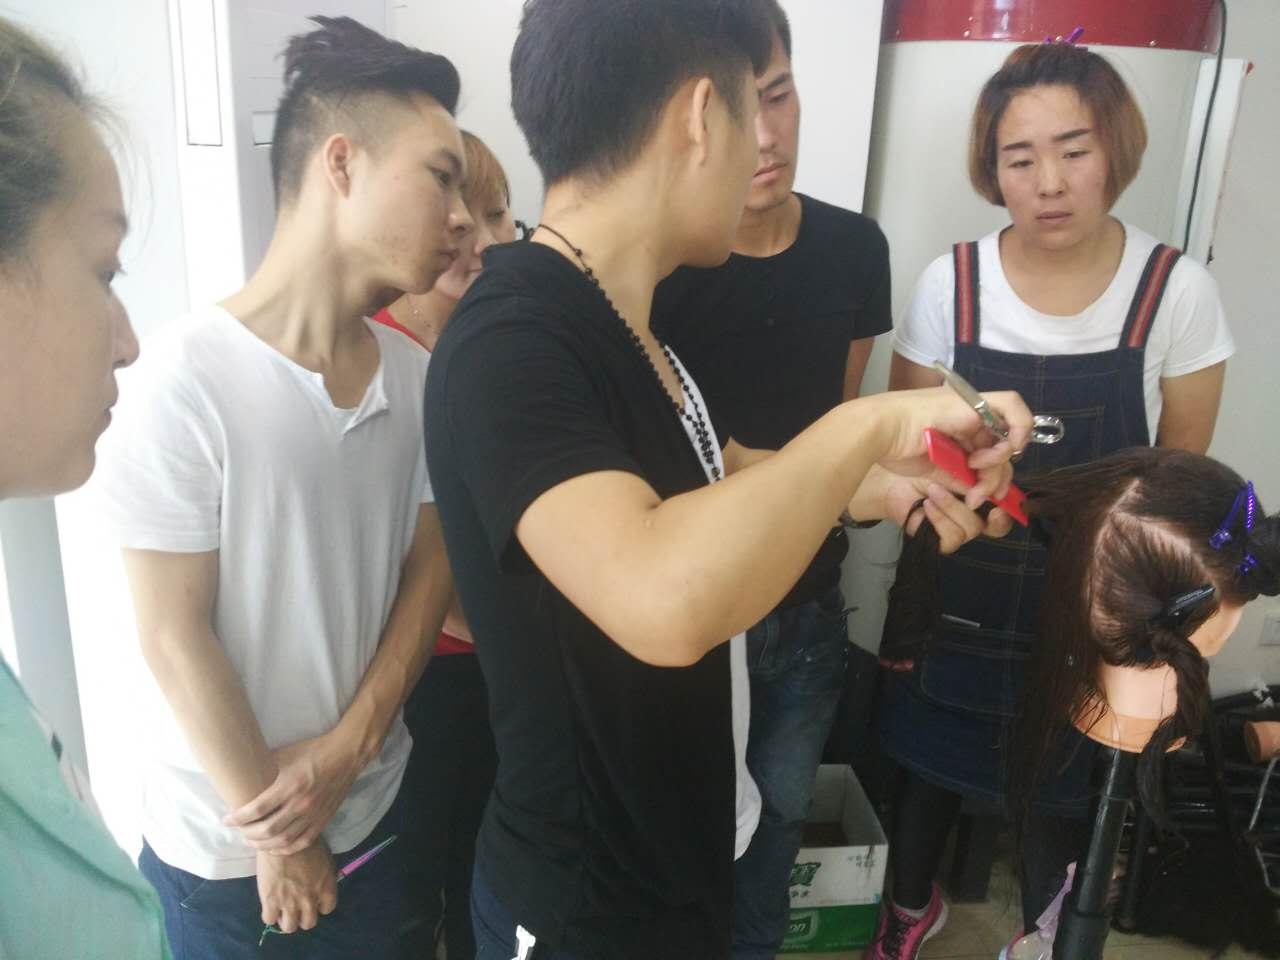 成都温江有哪些美容美发培训学校 托尼盖经典裁剪技术图片